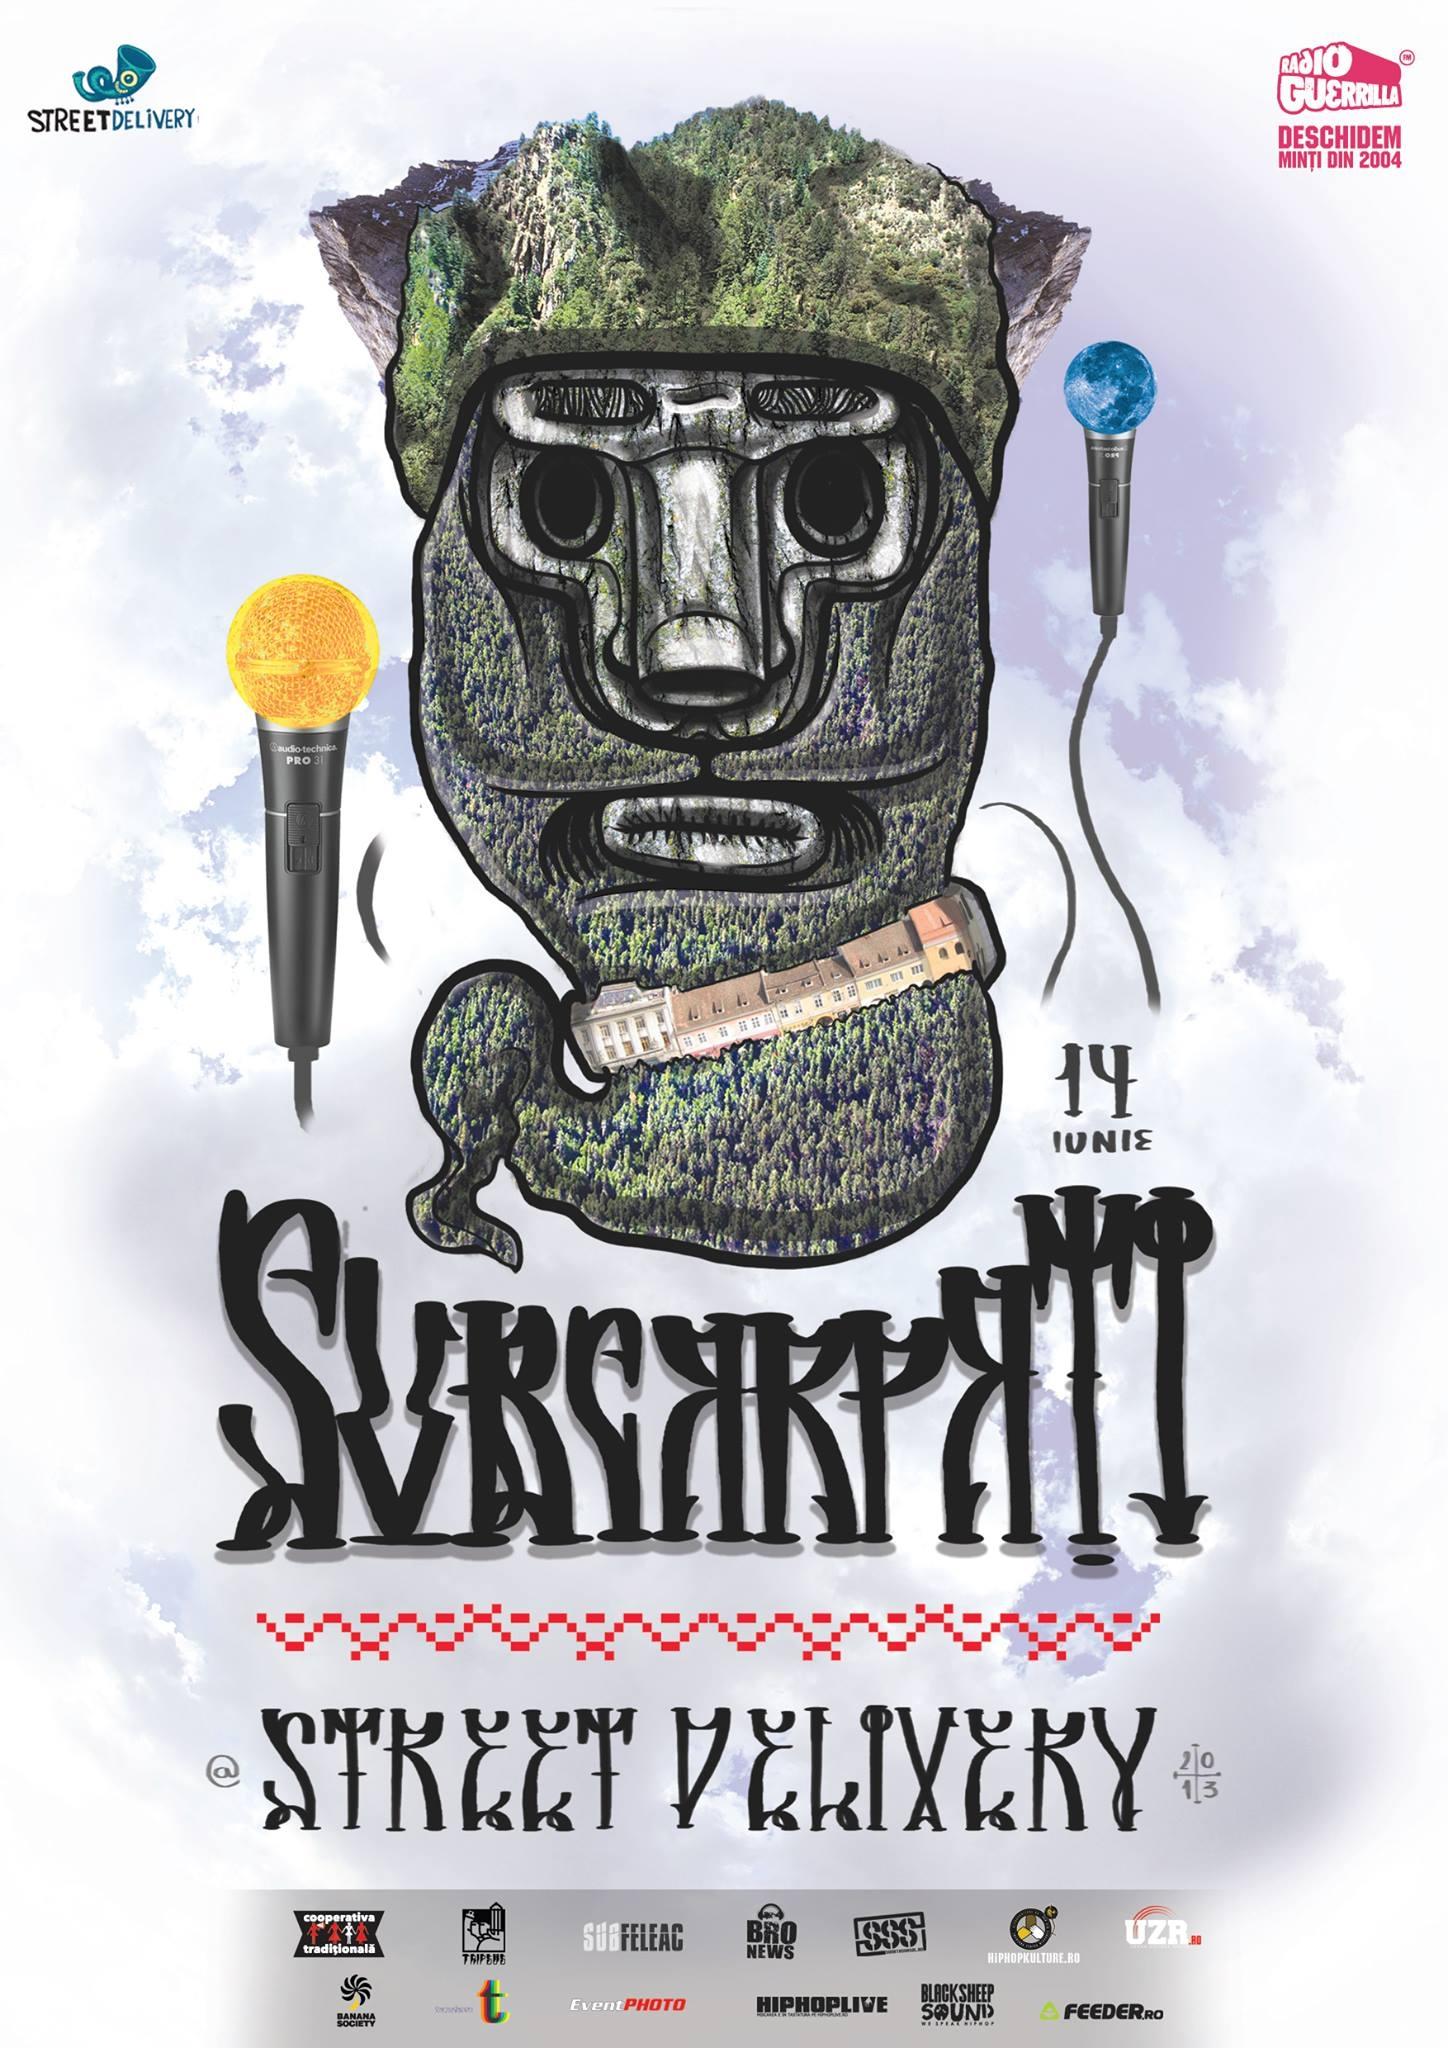 Primul concert Subcarpati din acest an de la Bucuresti: Street Delivery, 14 iunie